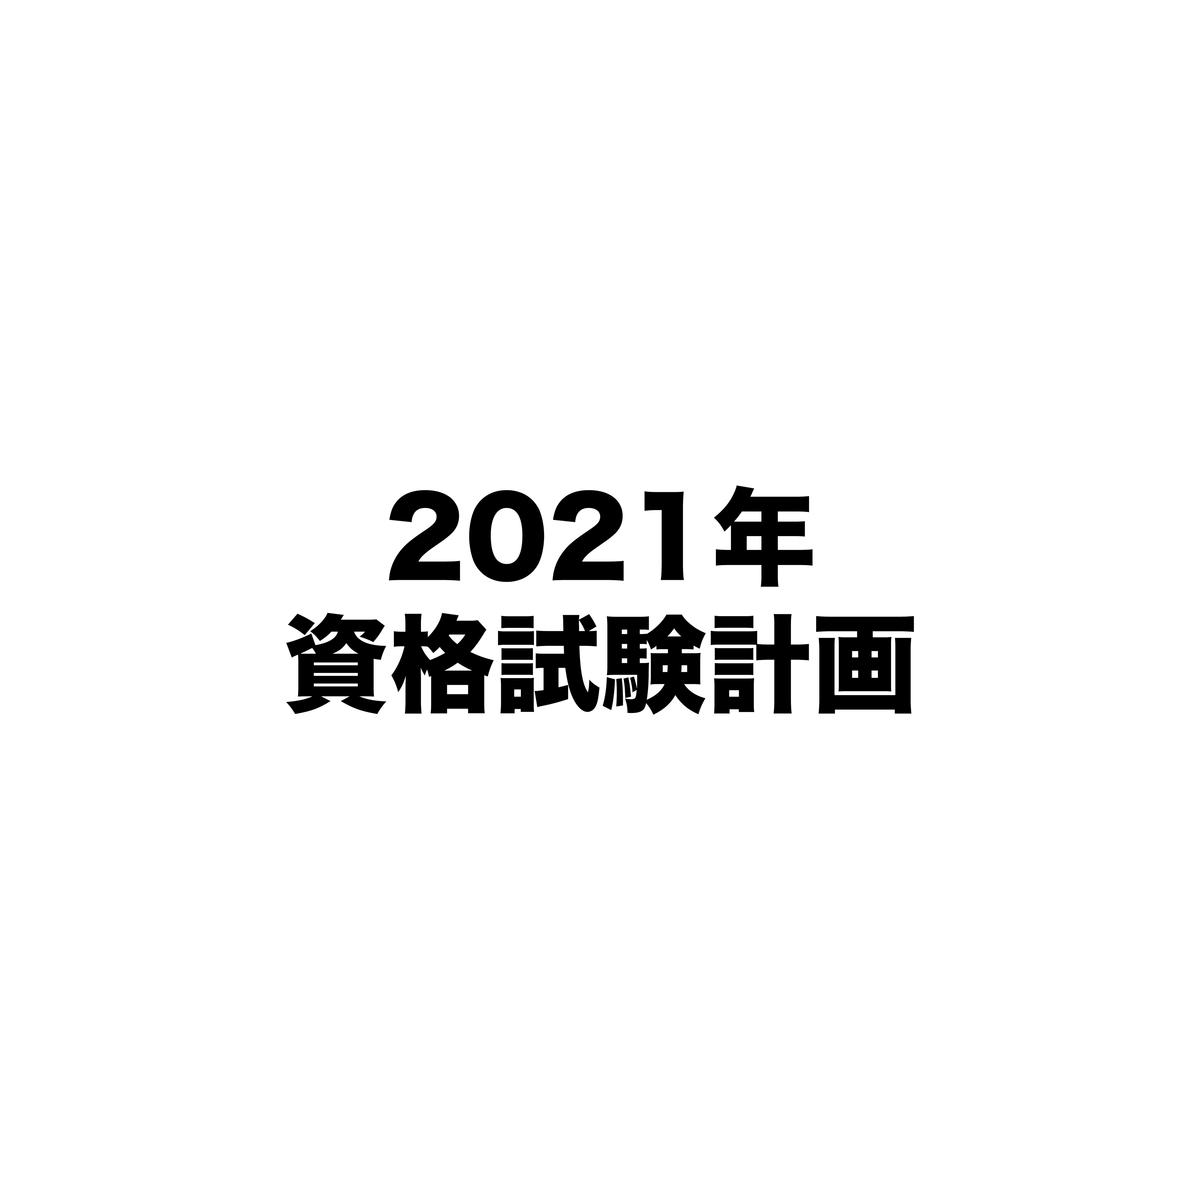 f:id:tidus_tabilog:20210101172012j:plain